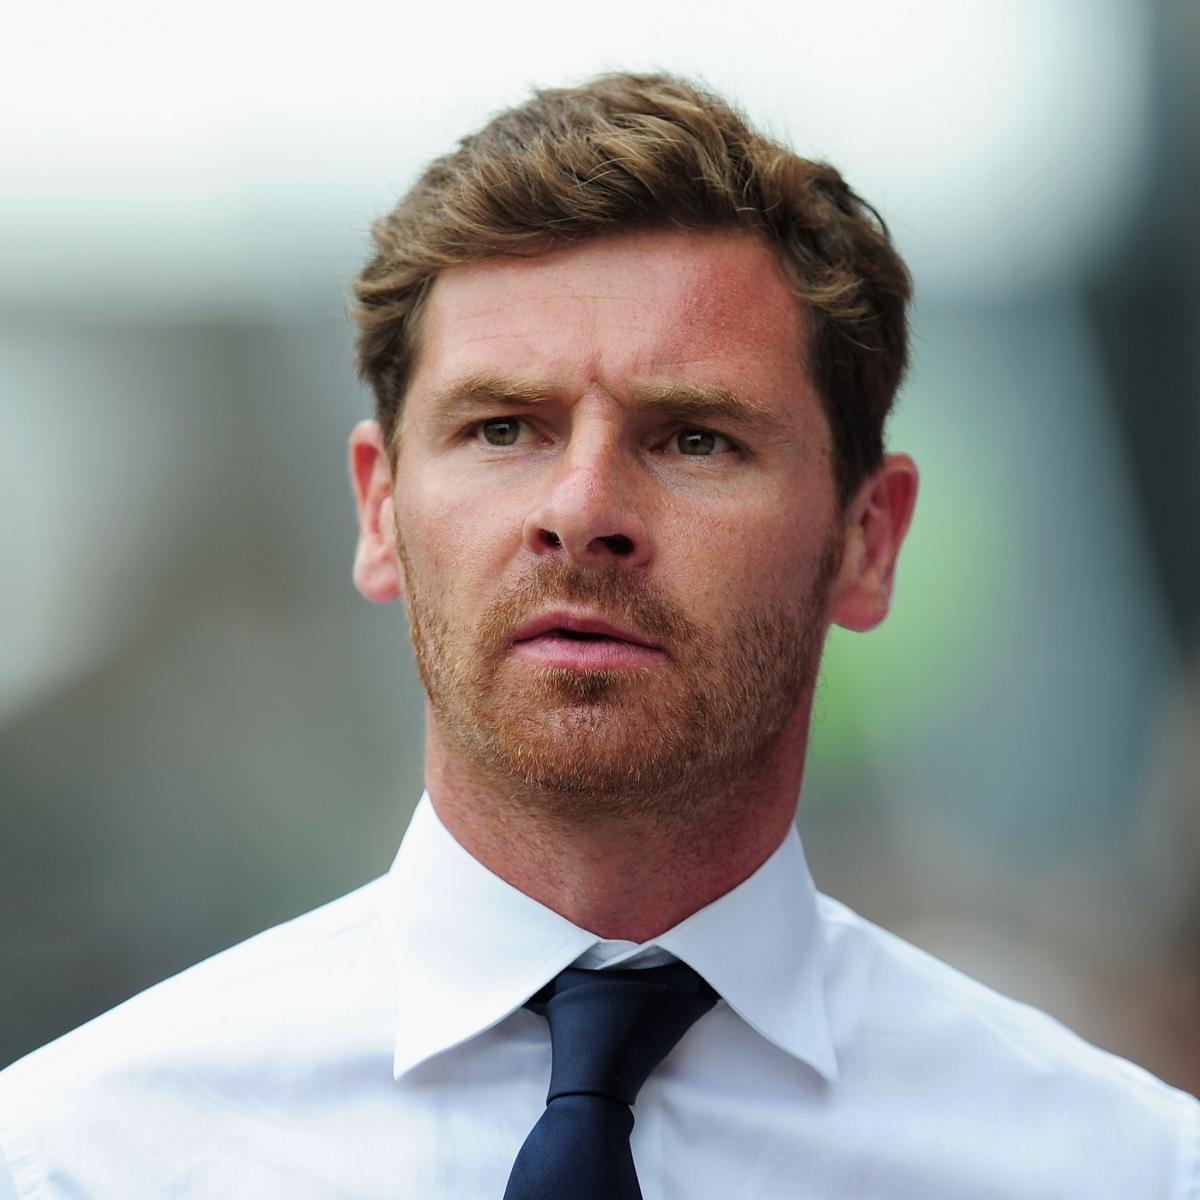 Ajax Vs Tottenham Hotspur Preview Live Stream Tv Info: Tottenham Vs. Tromso: Date, Time, Live Stream, TV Info And